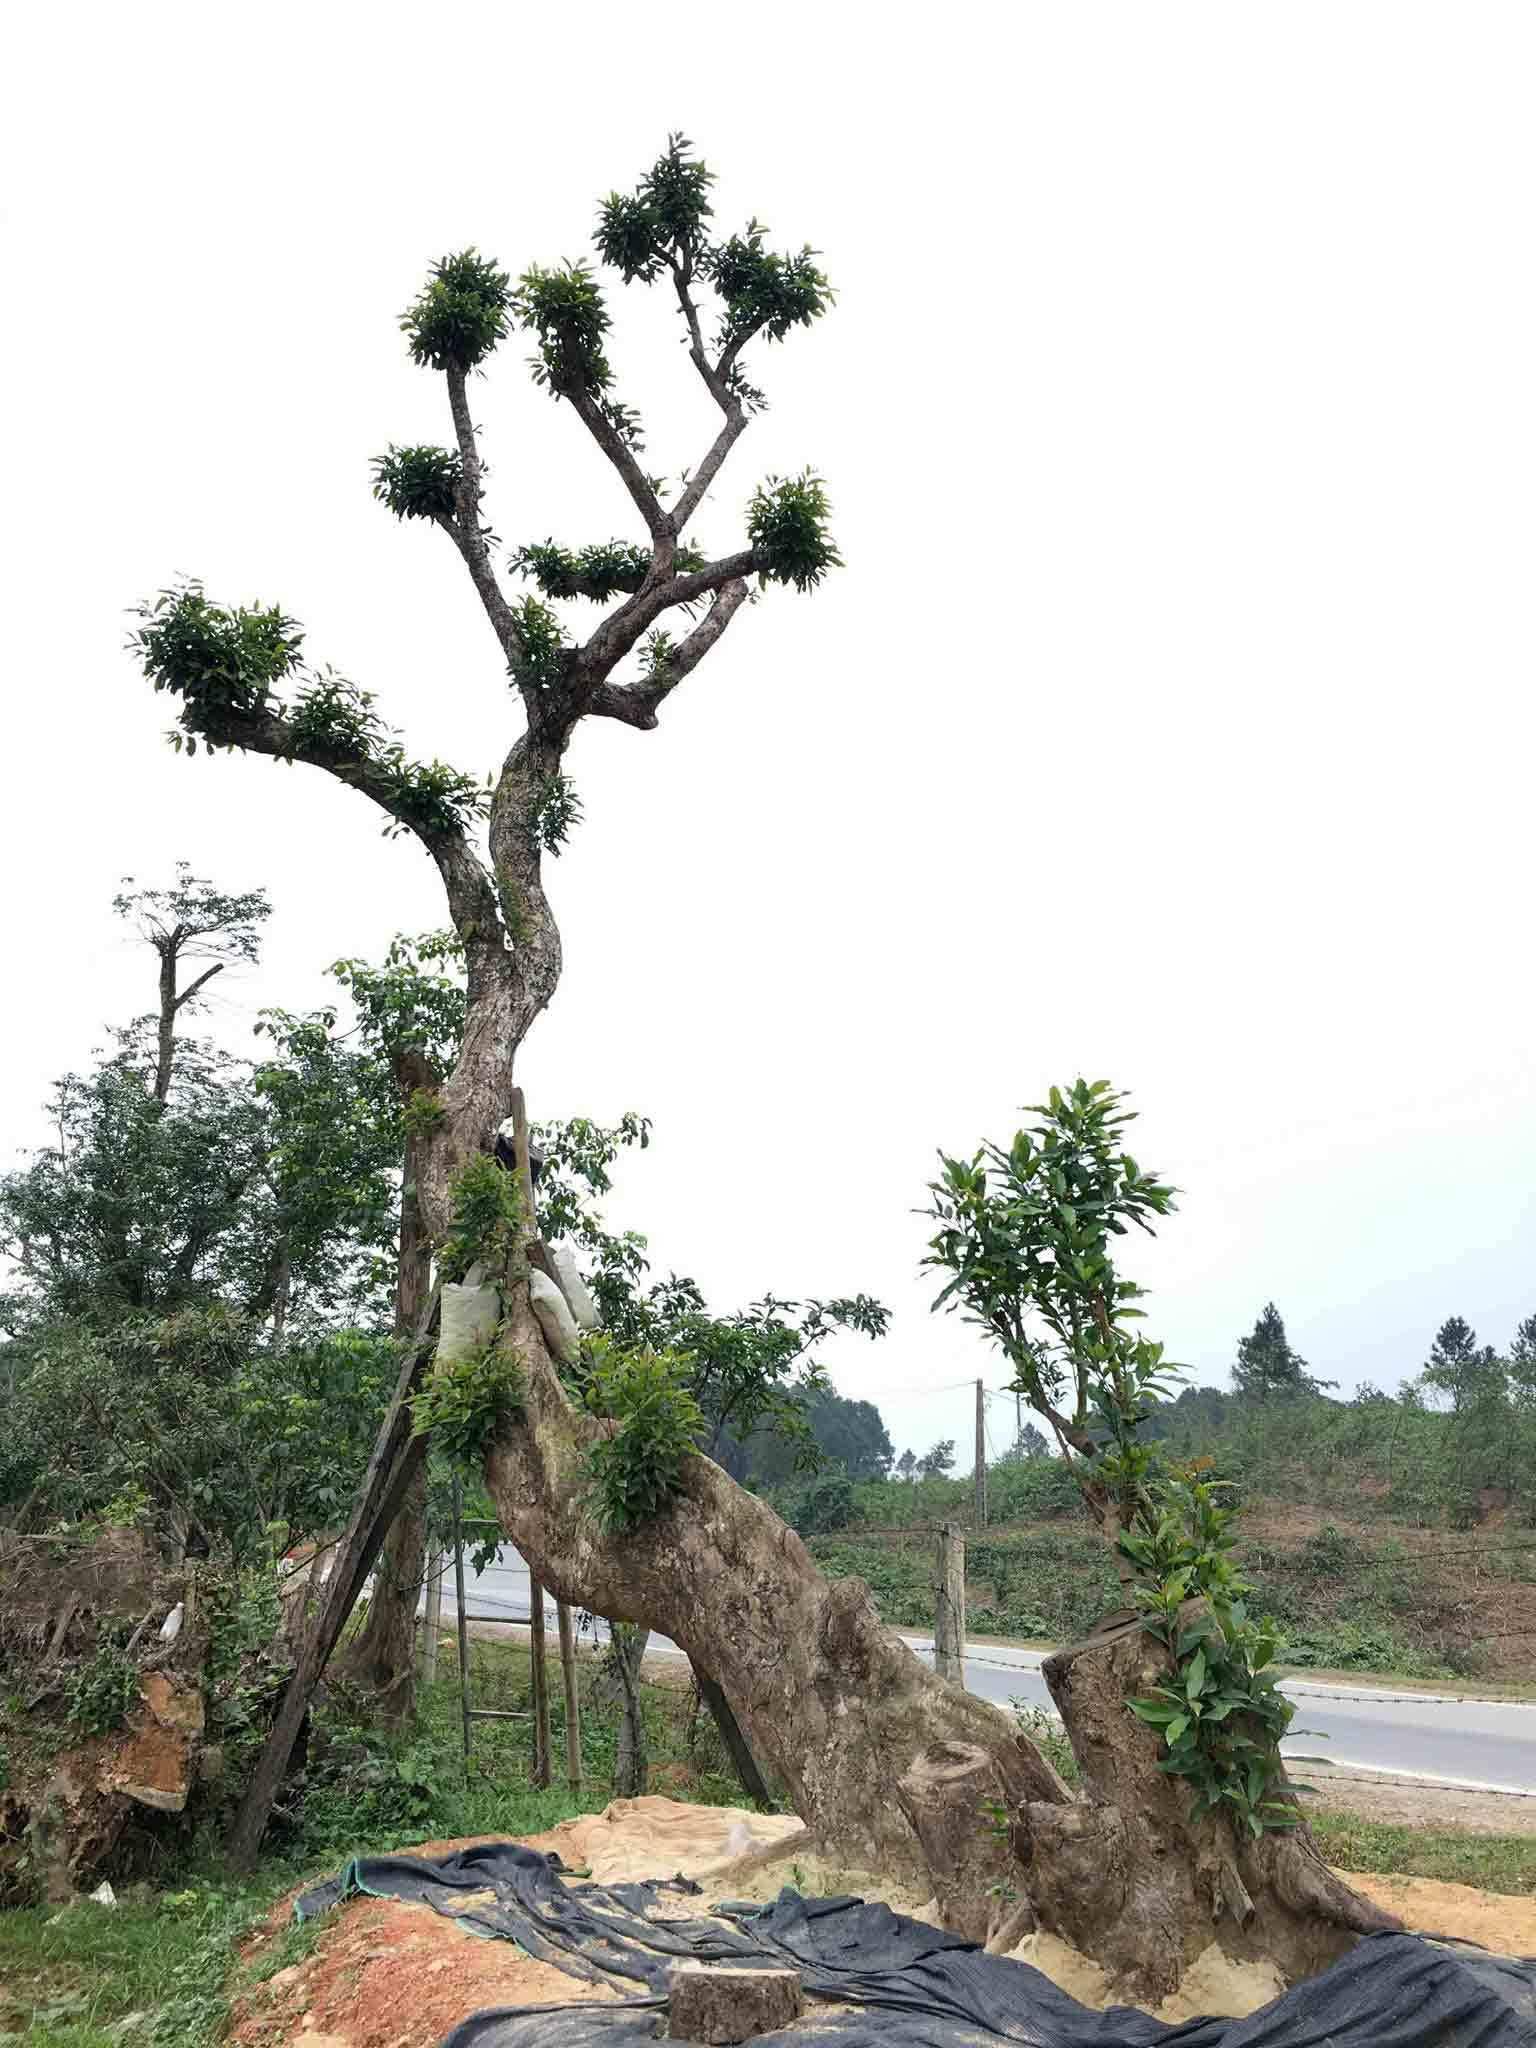 cây cảnh Tết,Hà Tĩnh,Tết Việt 2018,Tết nguyên đán